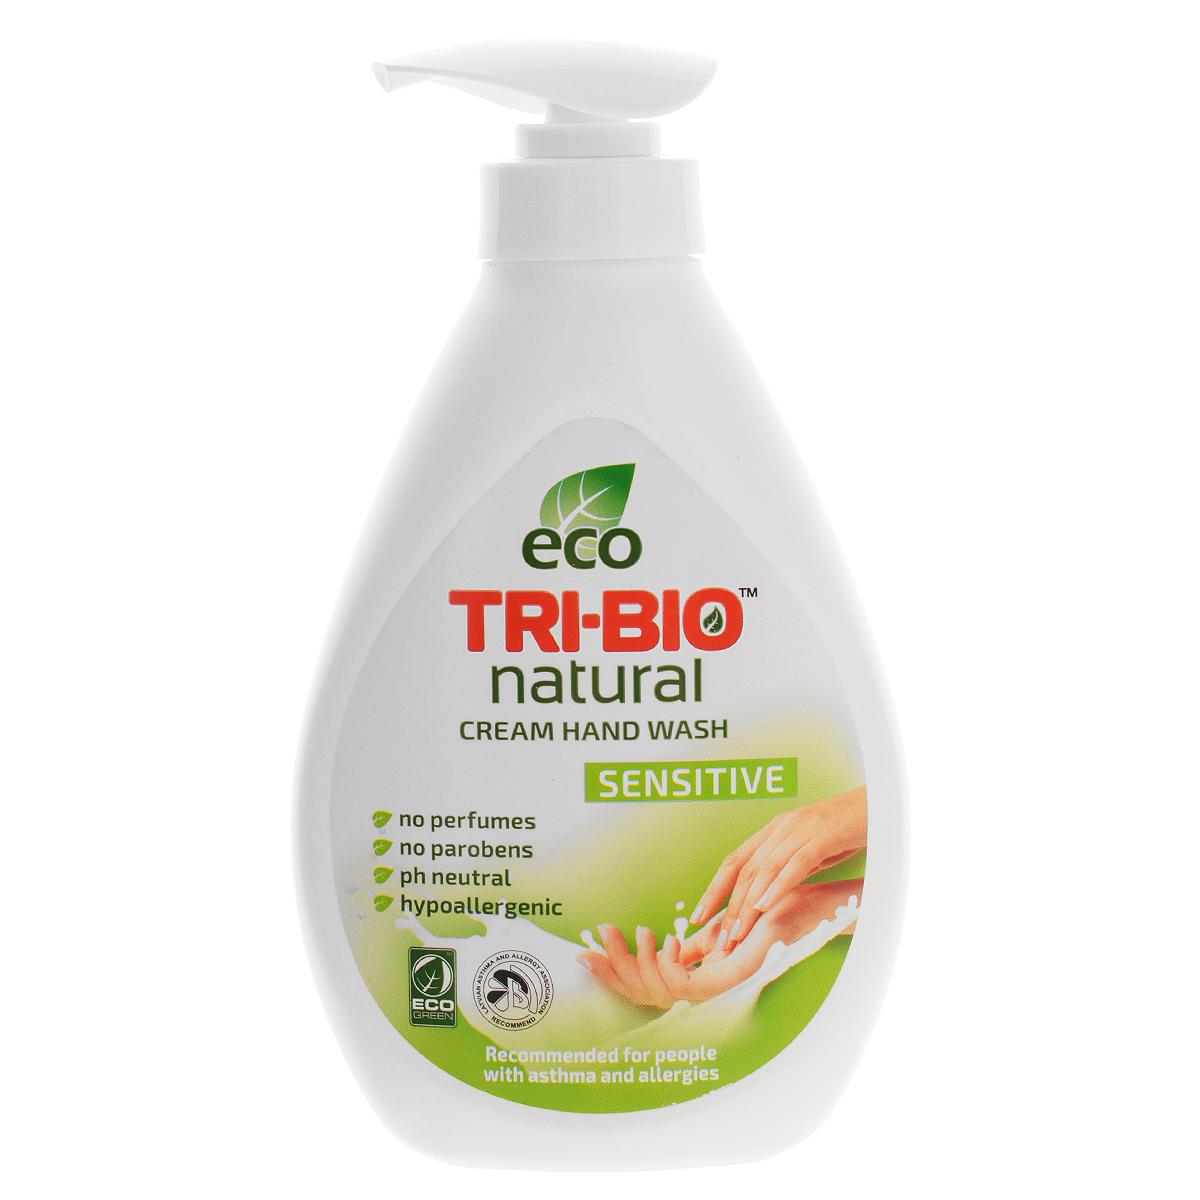 Натуральное жидкое эко крем-мыло Tri-Bio Нежное, 240 мл0130Tri-Bio Нежное - это уникальное жидкое крем-мыло, основанное на натуральных растительных и минеральных компонентах. Подходит для нежной кожи детей. Рекомендовано для людей с сухой, чувствительной кожей, склонных к аллергиям и астме. Гипоаллергенное, не содержит ароматов, красителей и парабенов, нейтральный рн, биоразлагаемое. Восстанавливает естественный баланс кожи и влажность. Помогает сохранить кожу мягкой, гладкой, шелковистой и здоровой. Присвоены ECO сертификаты.